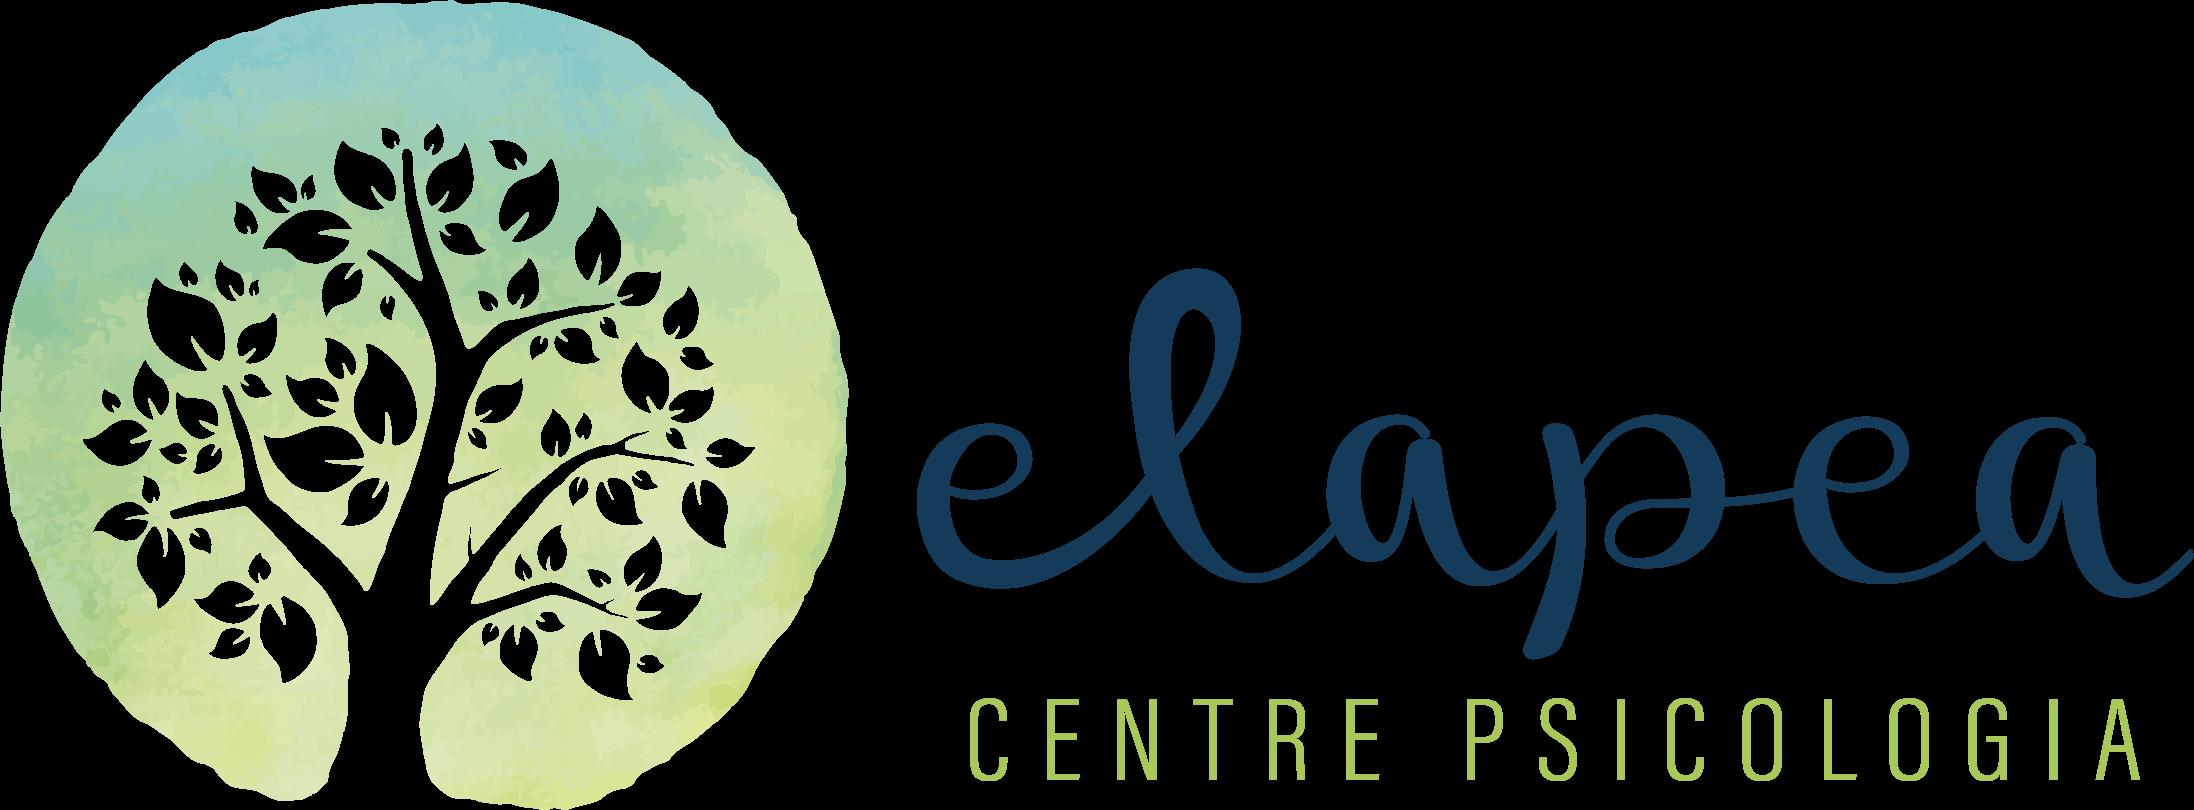 Elapea_centre_acumbamail